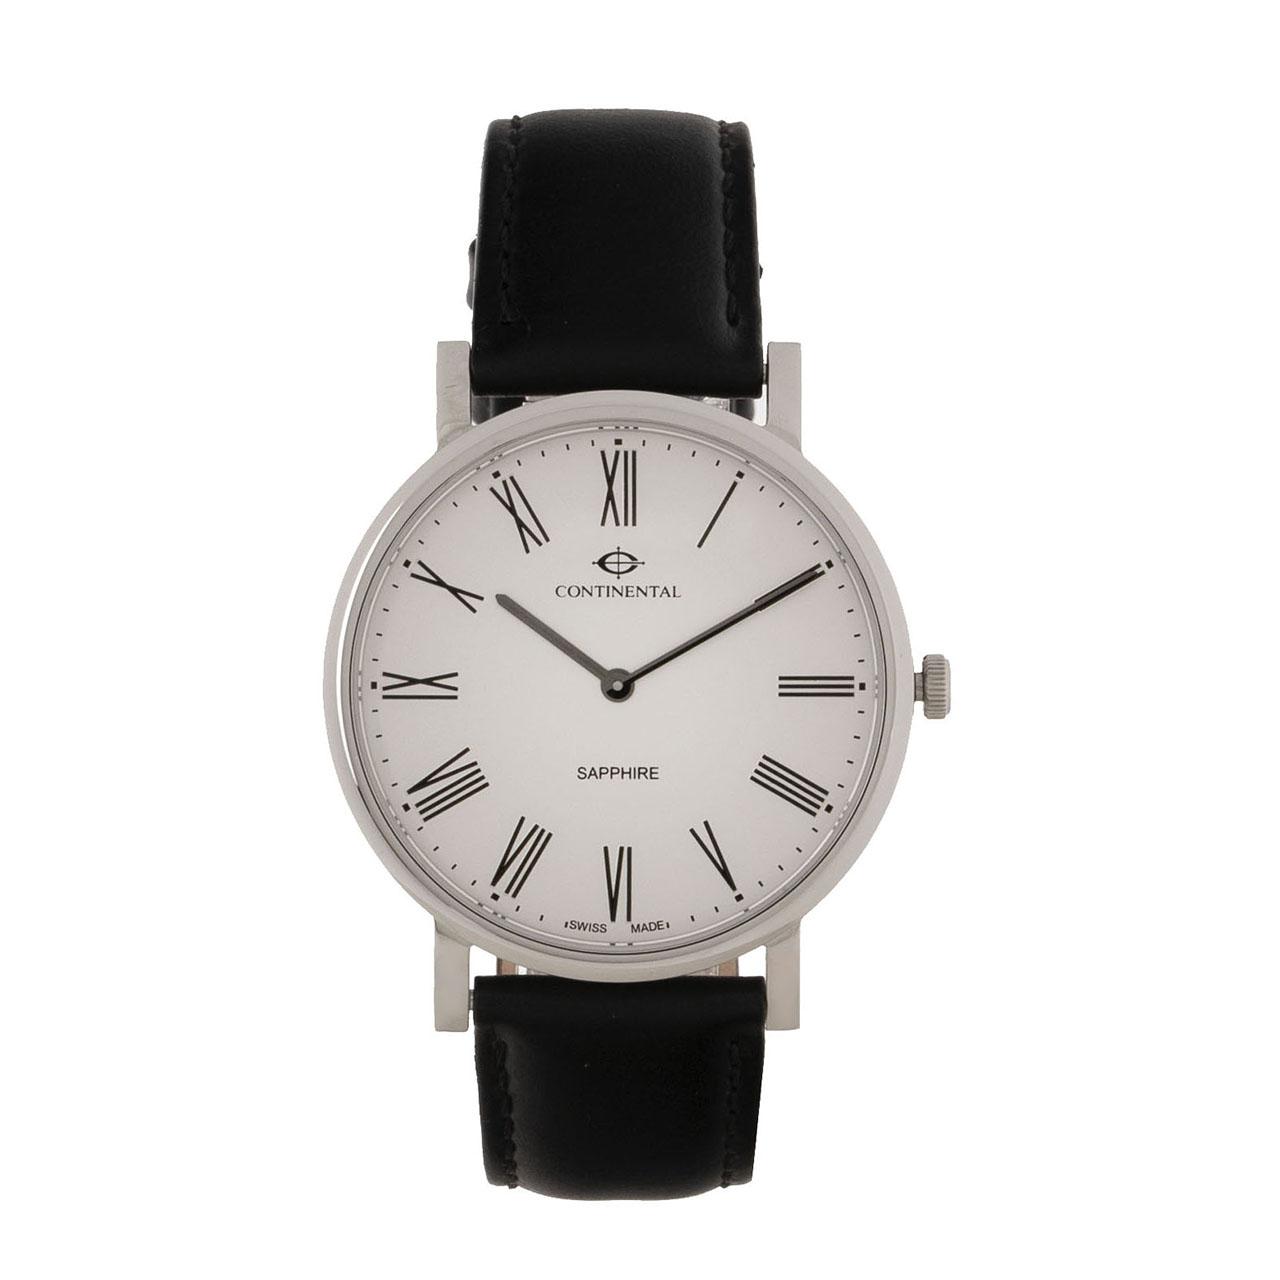 ساعت مچی عقربه ای مردانه کنتیننتال مدل 17101-S157R 5